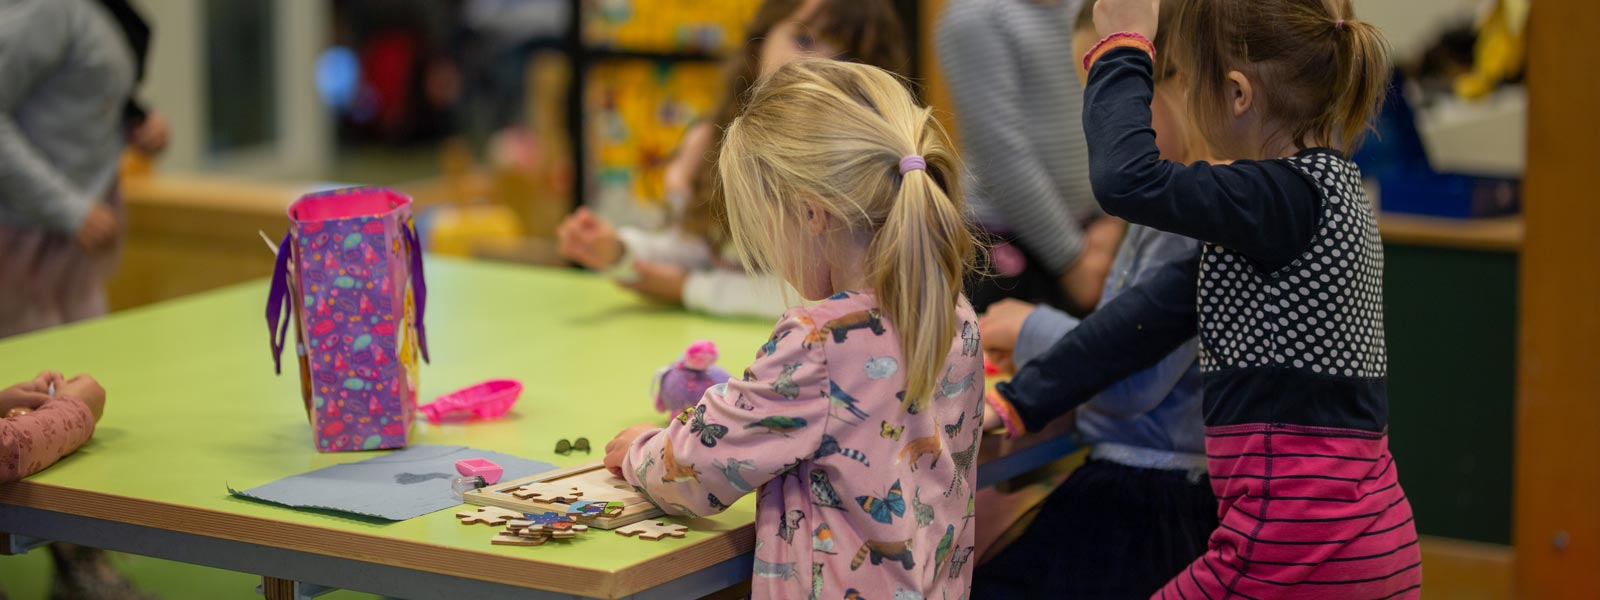 Openbare basisschool Panta Rhei | Zeewolde